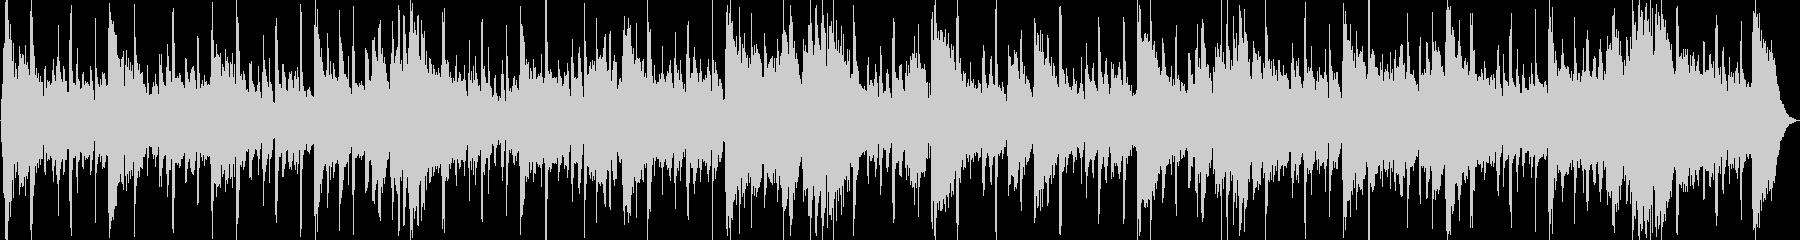 明るい、チェロはエレクトロニカ、イ...の未再生の波形